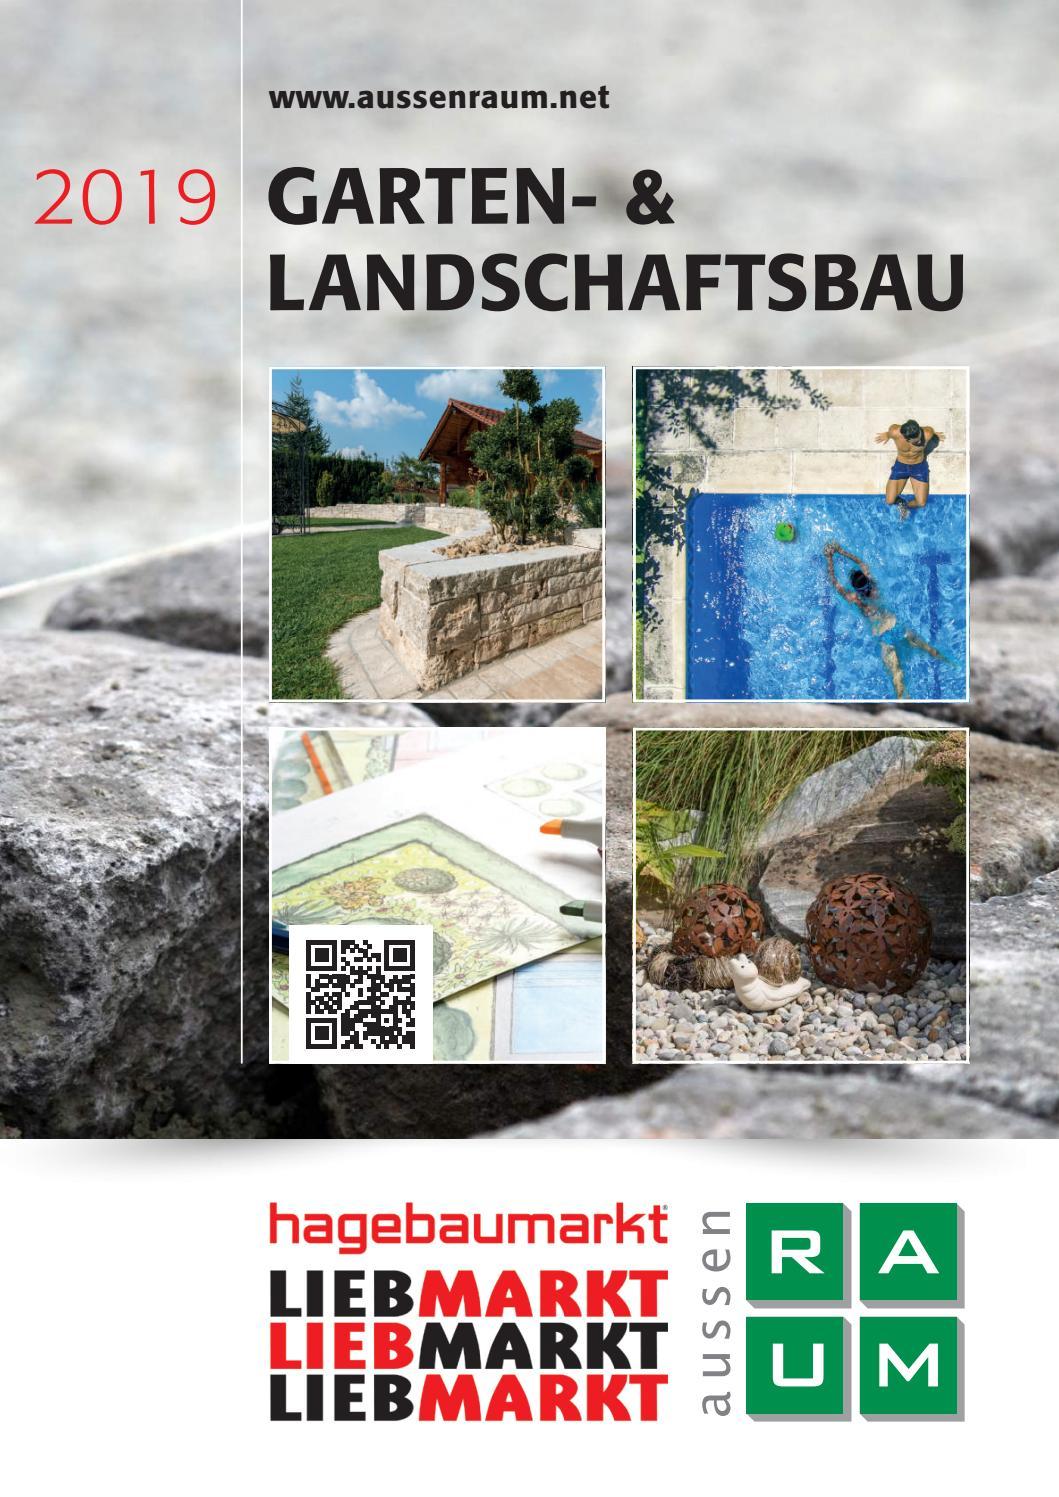 Garten Gestalten Mit Steinen Inspirierend Aussenraum Katalog 2018 by Lieb issuu